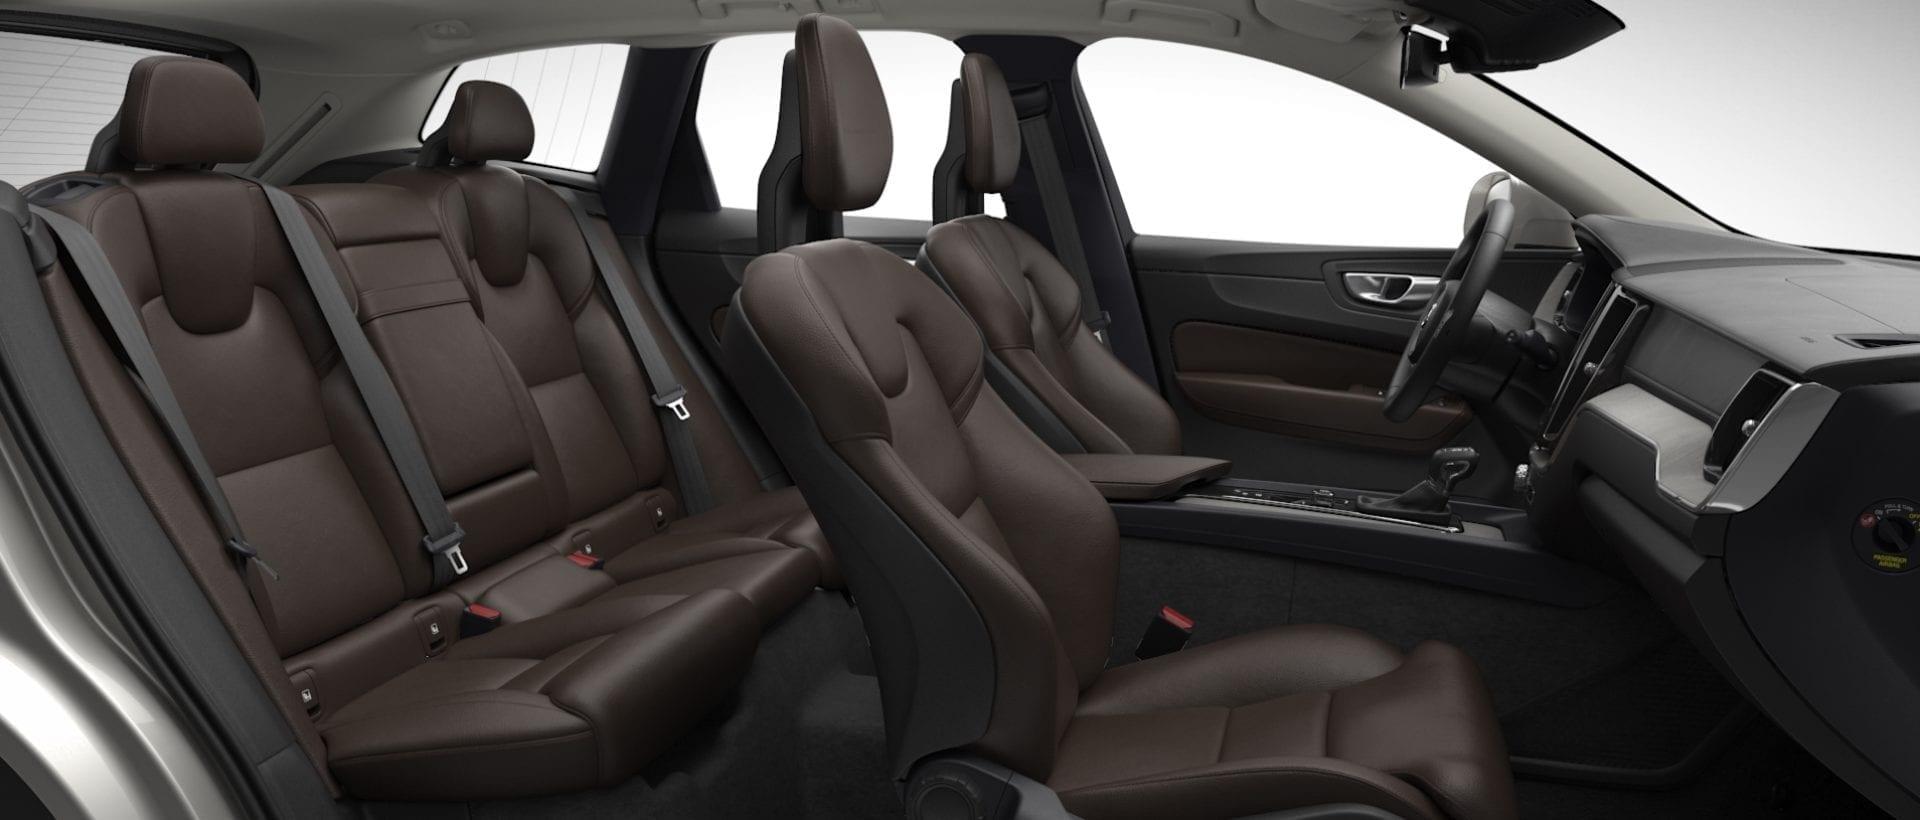 Volvo ХС60  фото интерьера 9